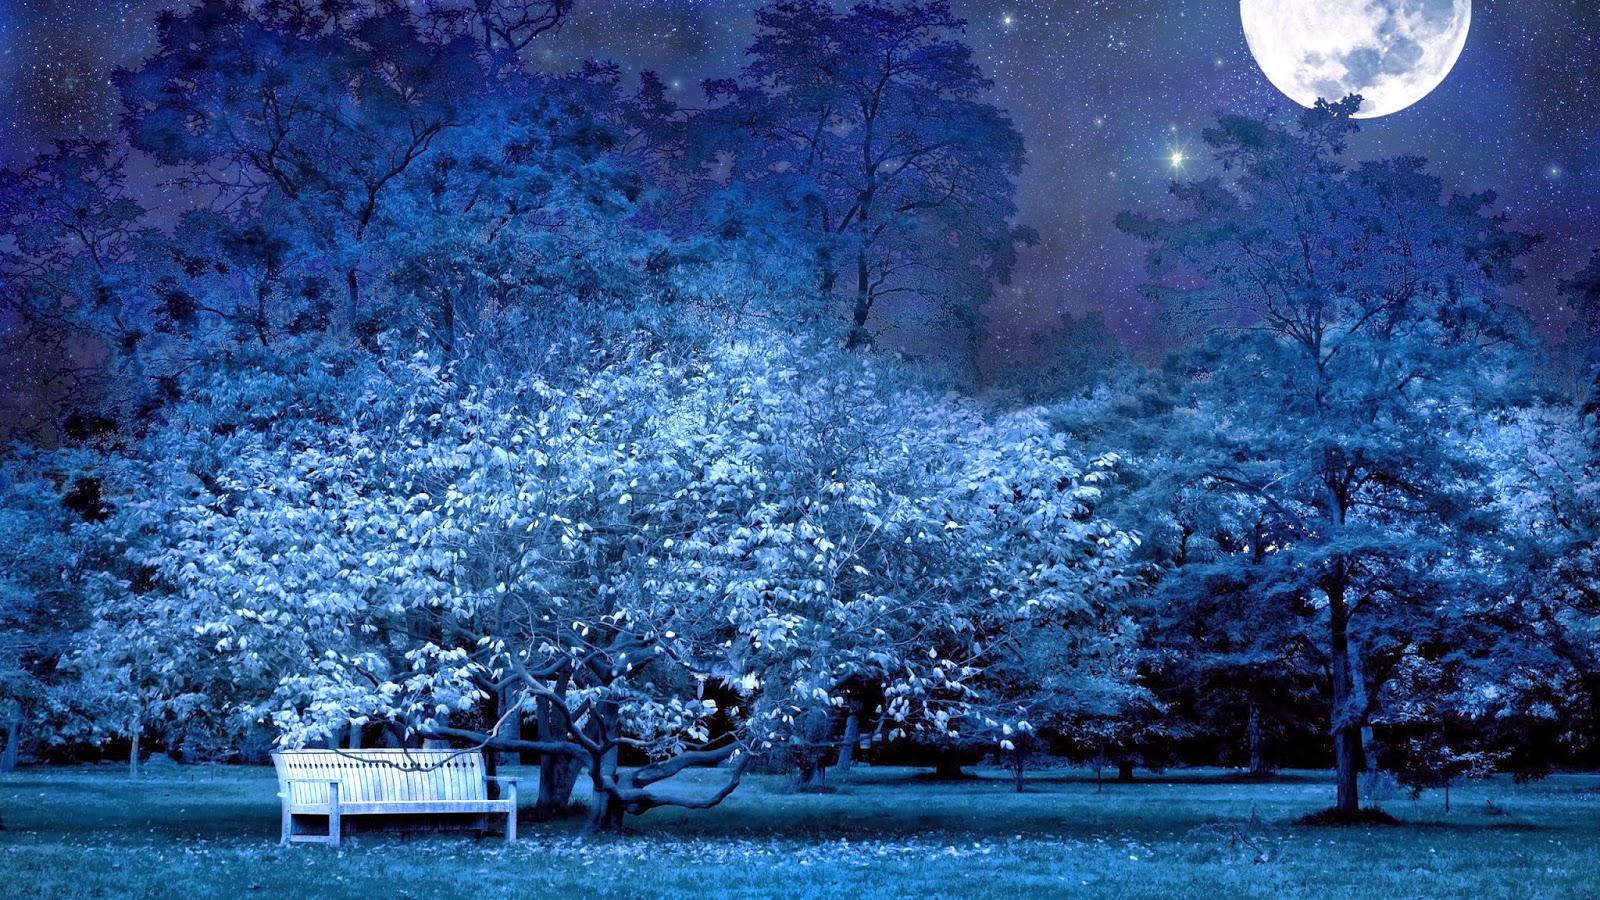 صور خلفيات ليلية جميلة